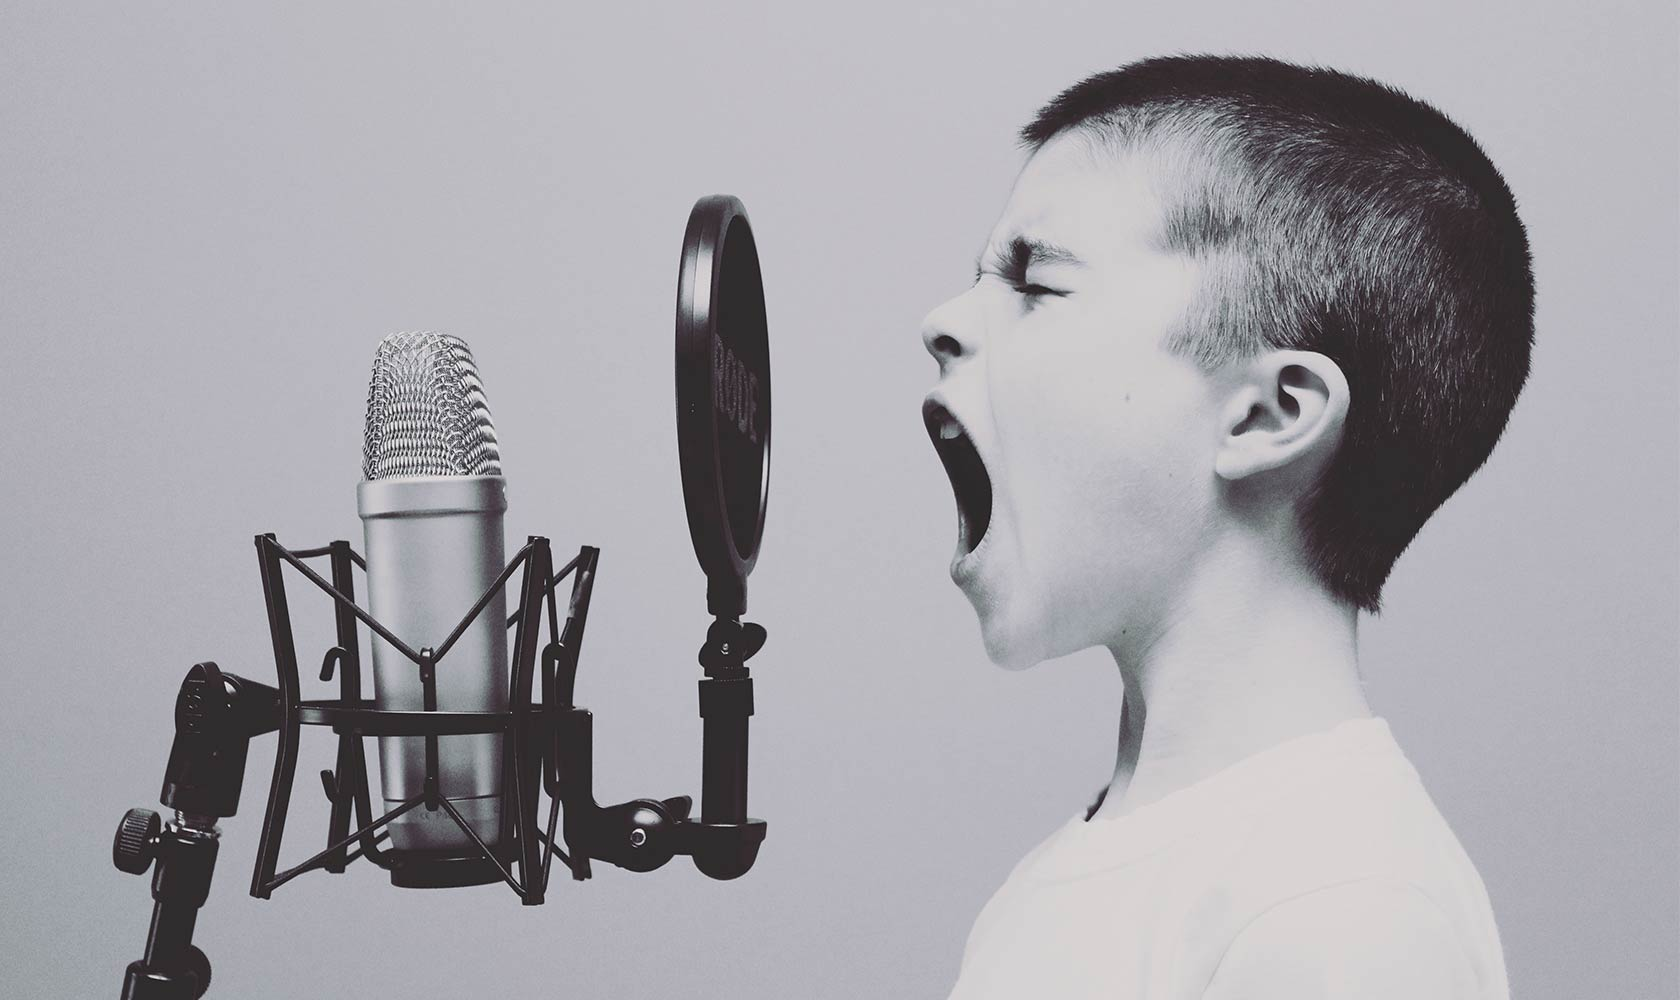 Как интернет-магазины аудиотехники теряют клиентов и как это исправить